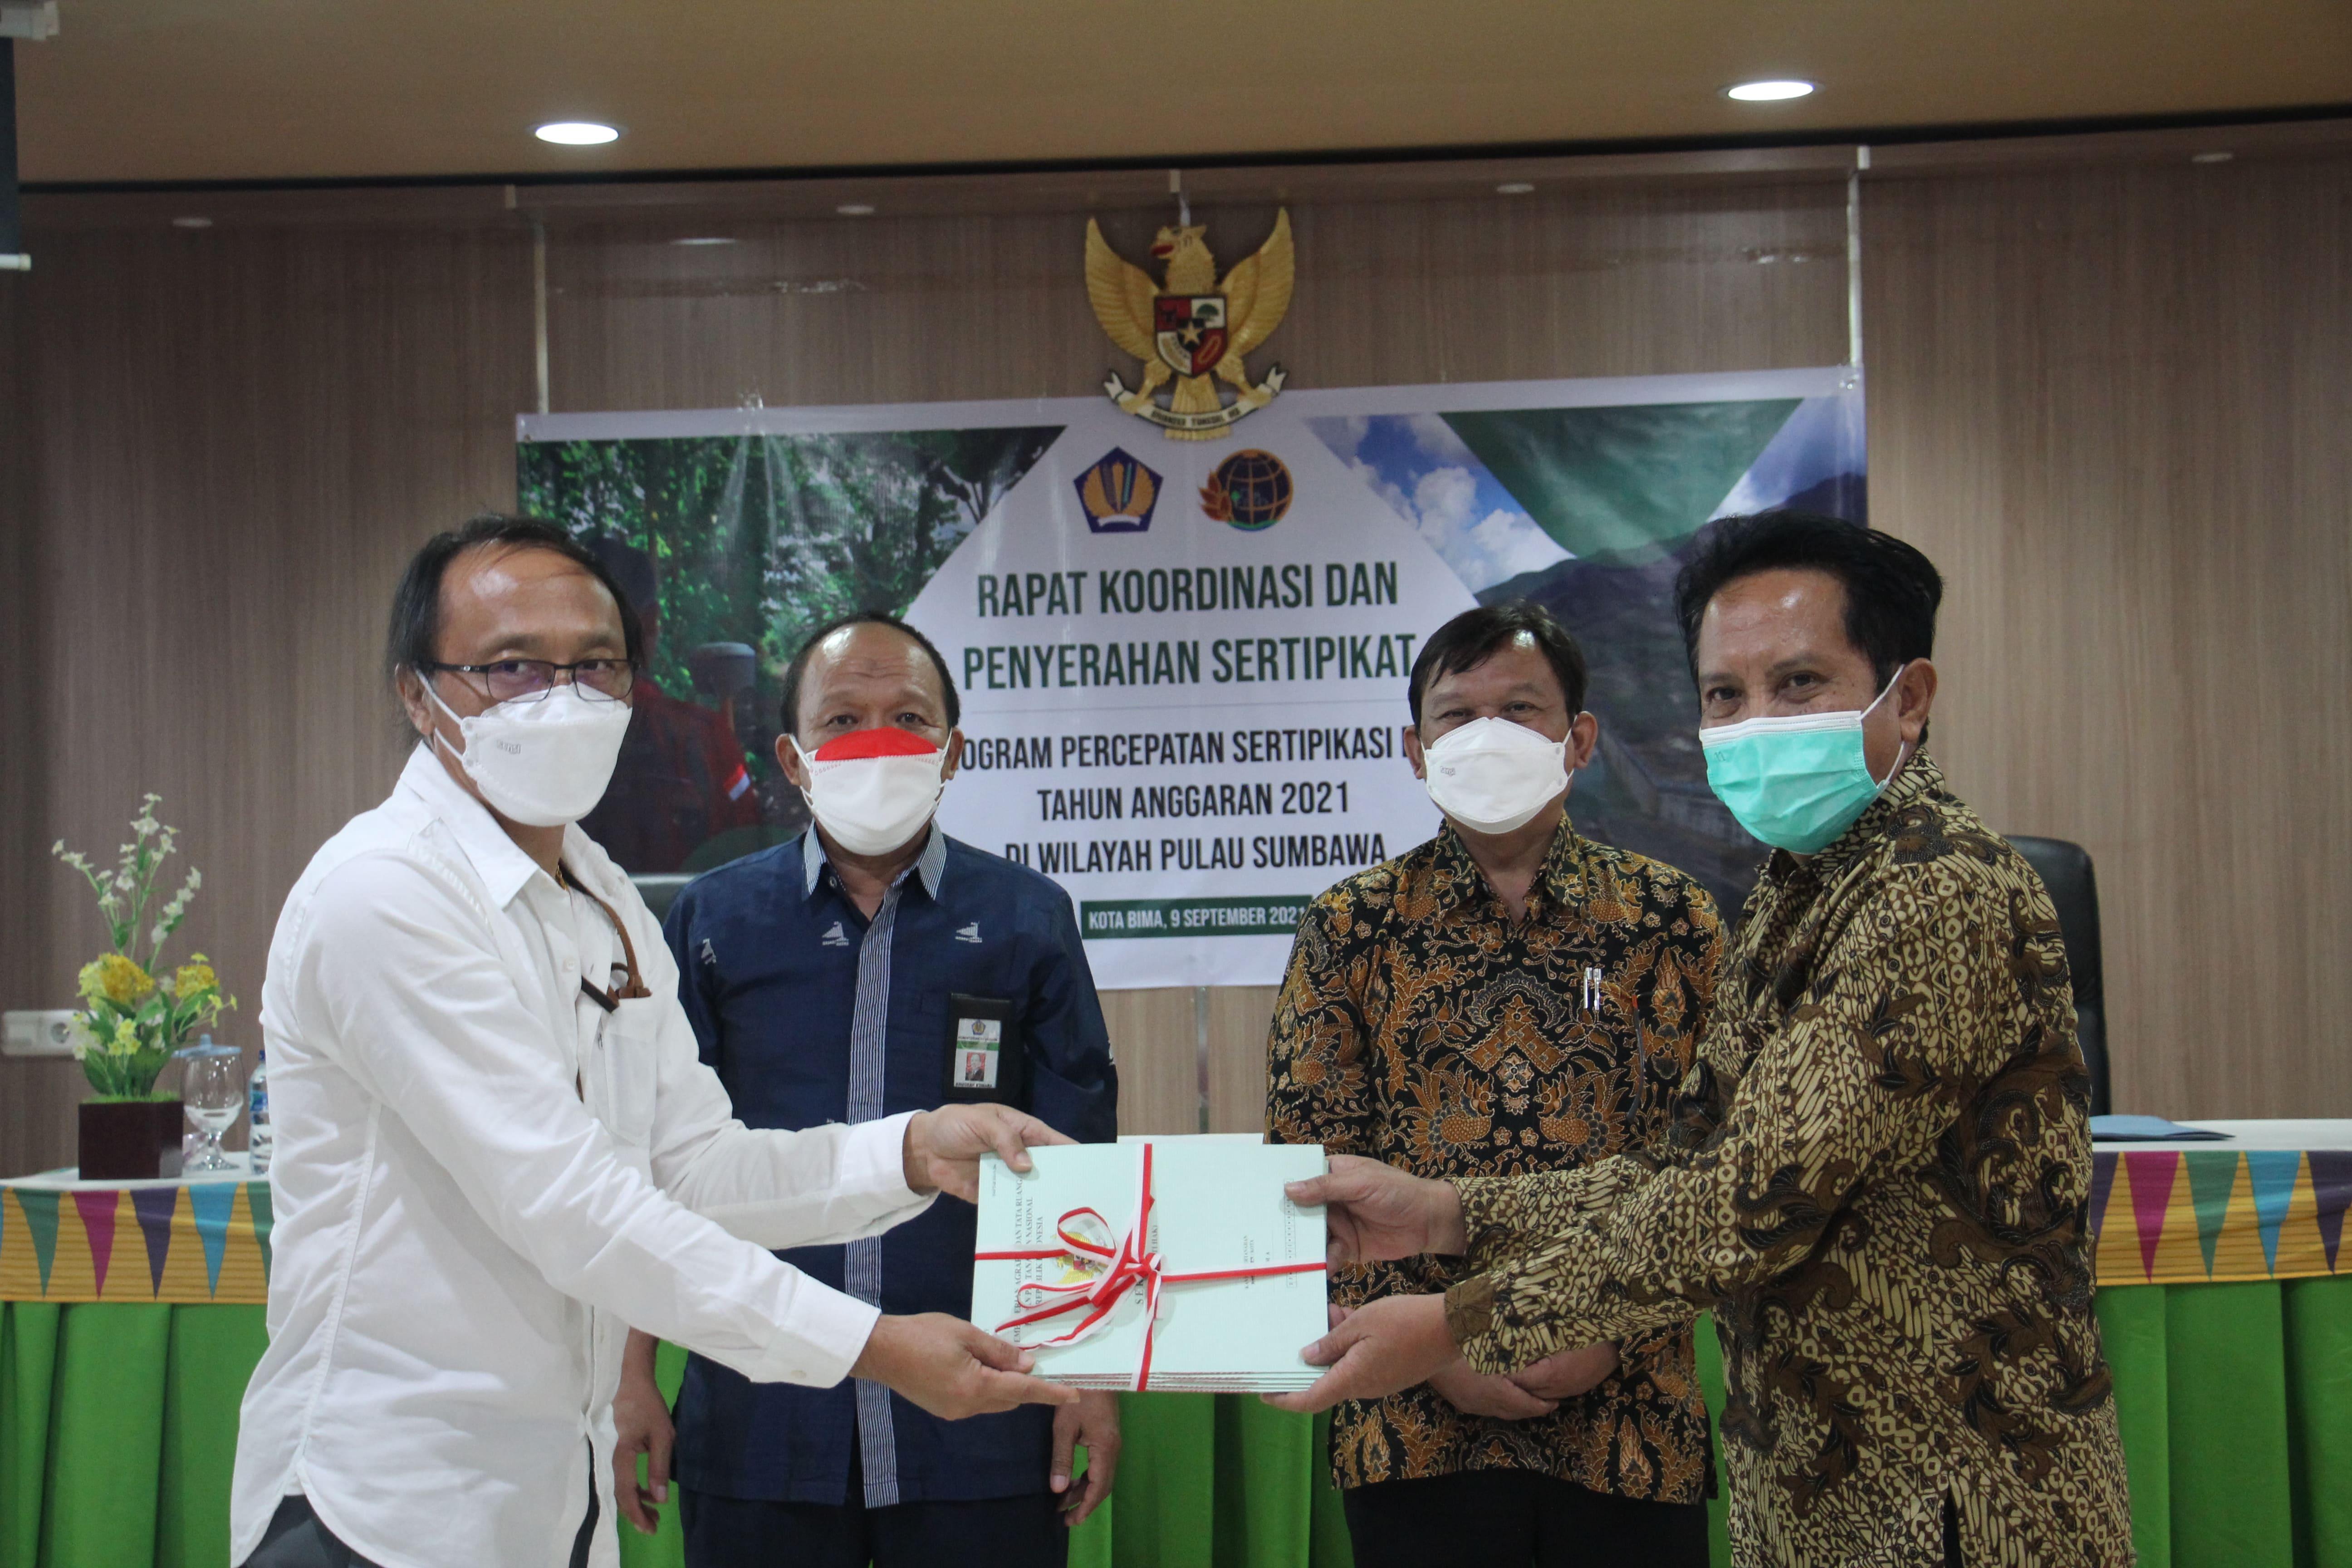 Penyerahan Sertifikat Tanah Warnai Pelaksanaan Rapat Koordinasi Program Percepatan Pensertifikatan Barang Milik Negara Berupa Tanah